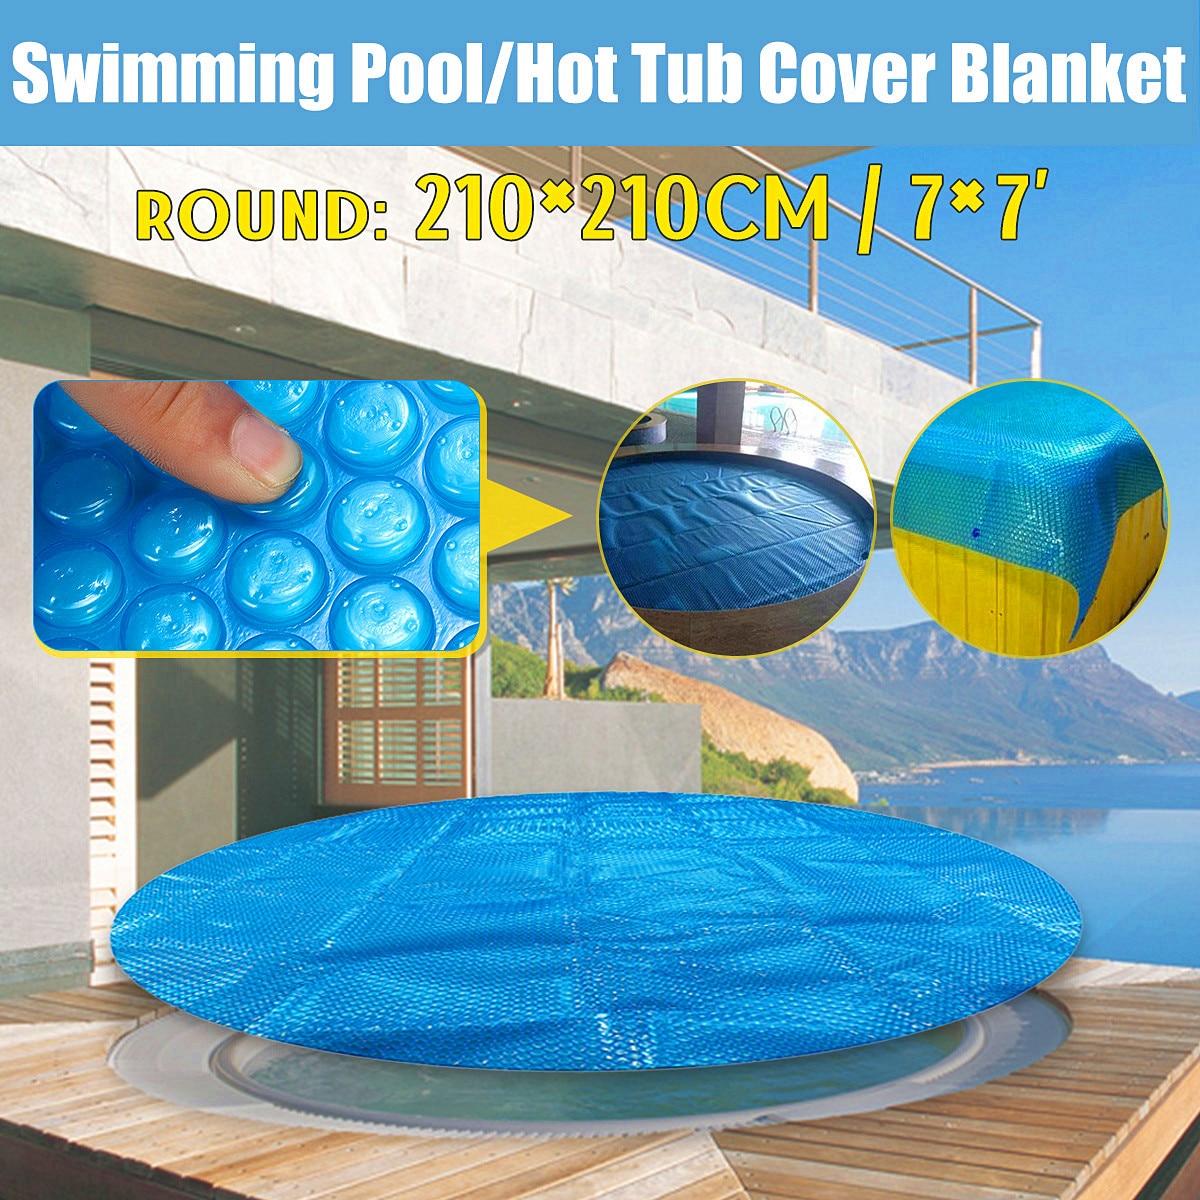 7 'ronde famille piscine piscine bain à remous couverture couverture enfant adulte enfants bleu jardin balcon extérieur jouer piscine couverture